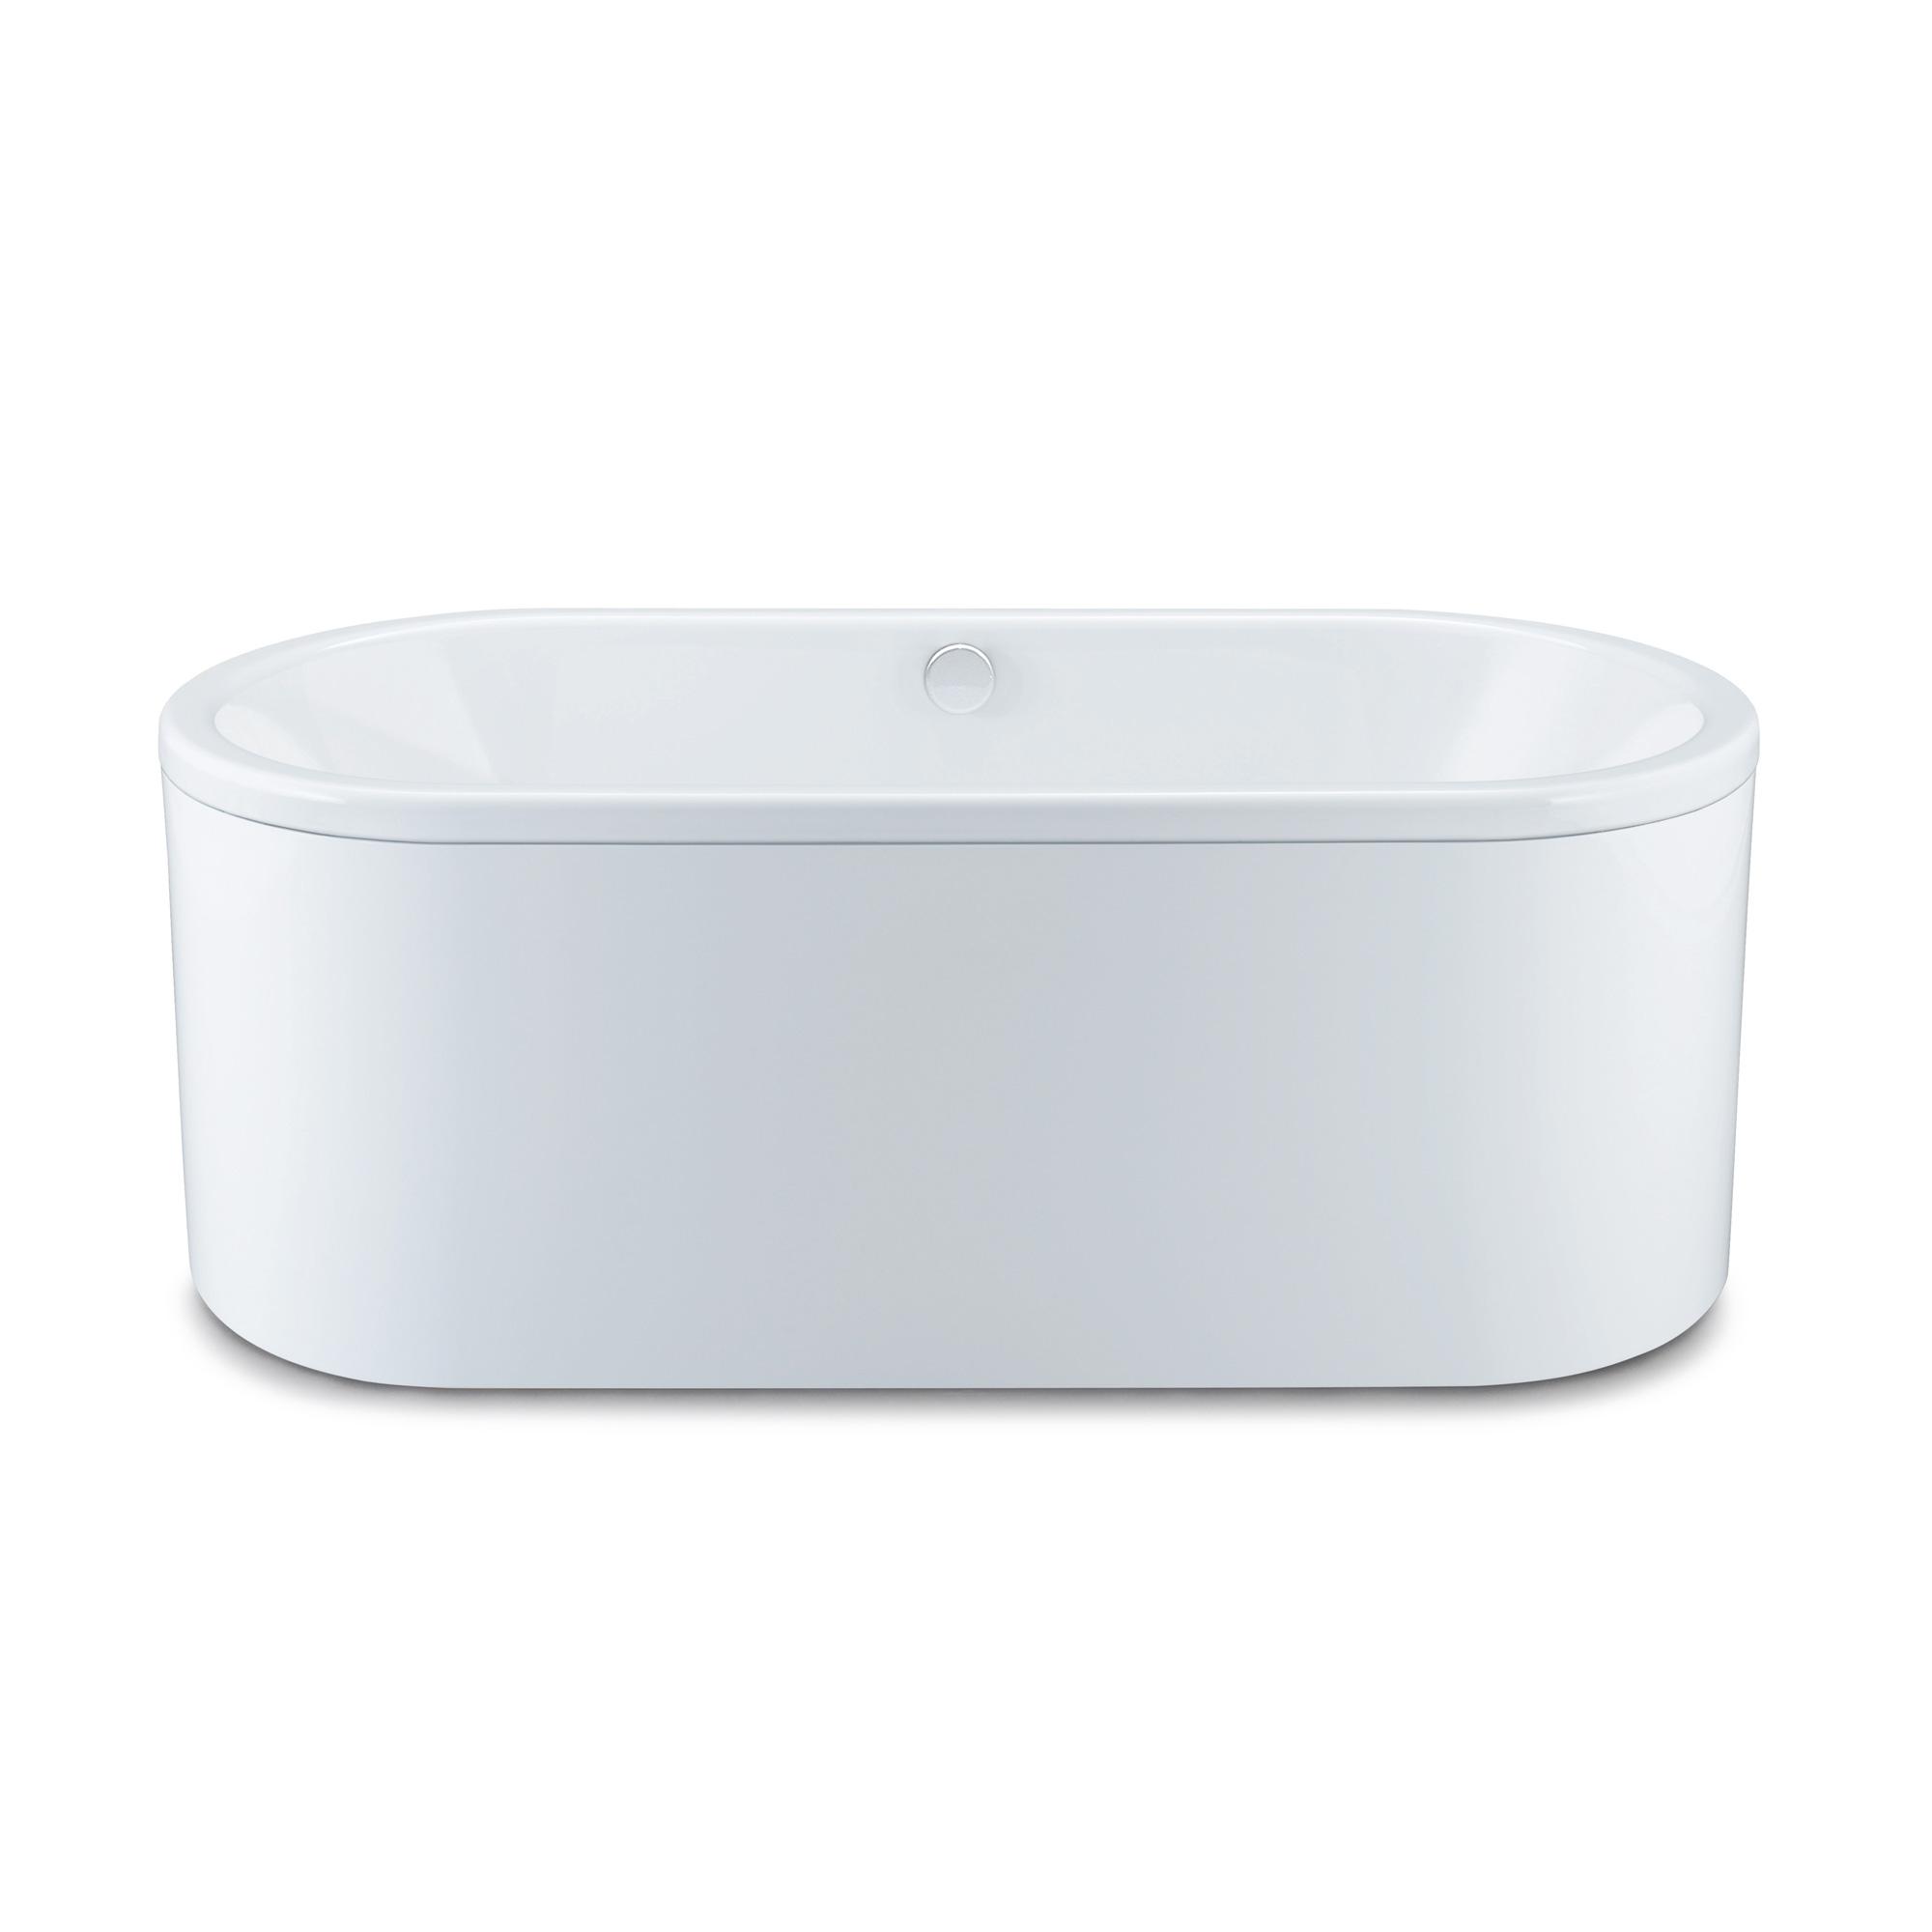 kaldewei centro duo ovale badewanne mit verkleidung wei. Black Bedroom Furniture Sets. Home Design Ideas